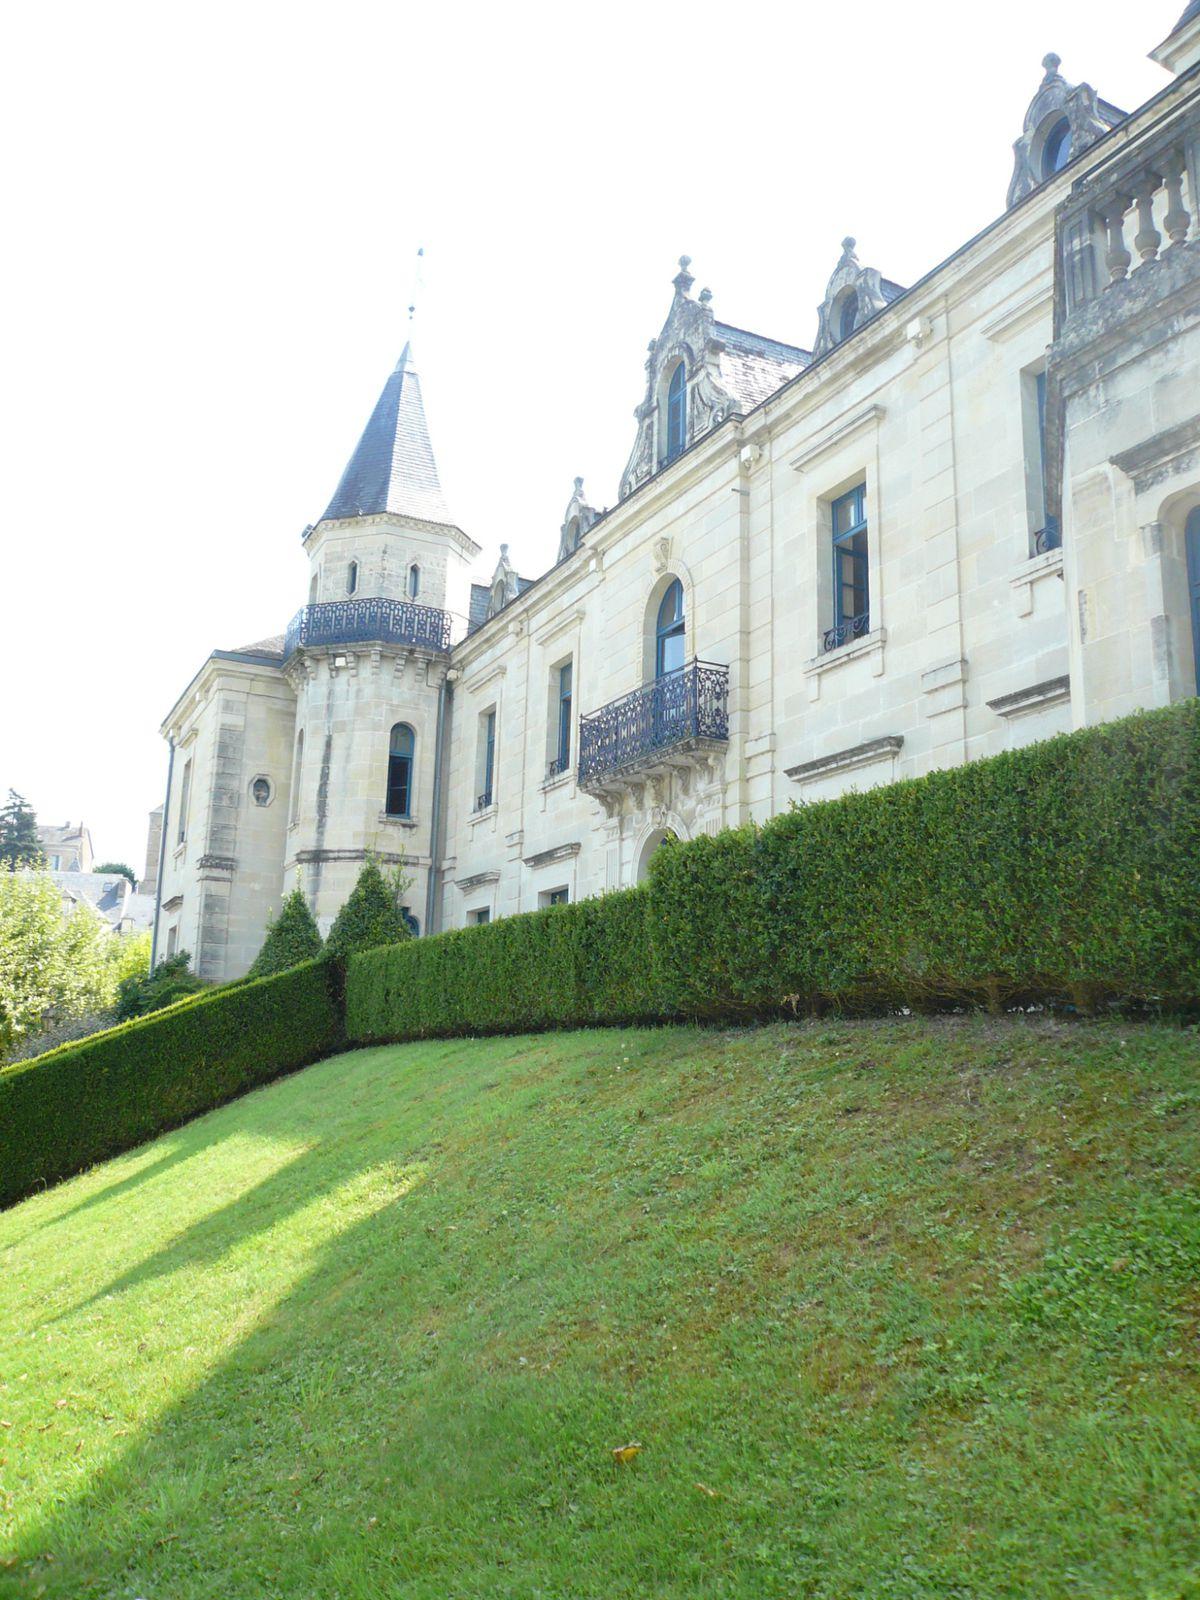 Album les jardins de l 39 imaginaire lescatels - Les jardins de l imaginaire a terrasson ...